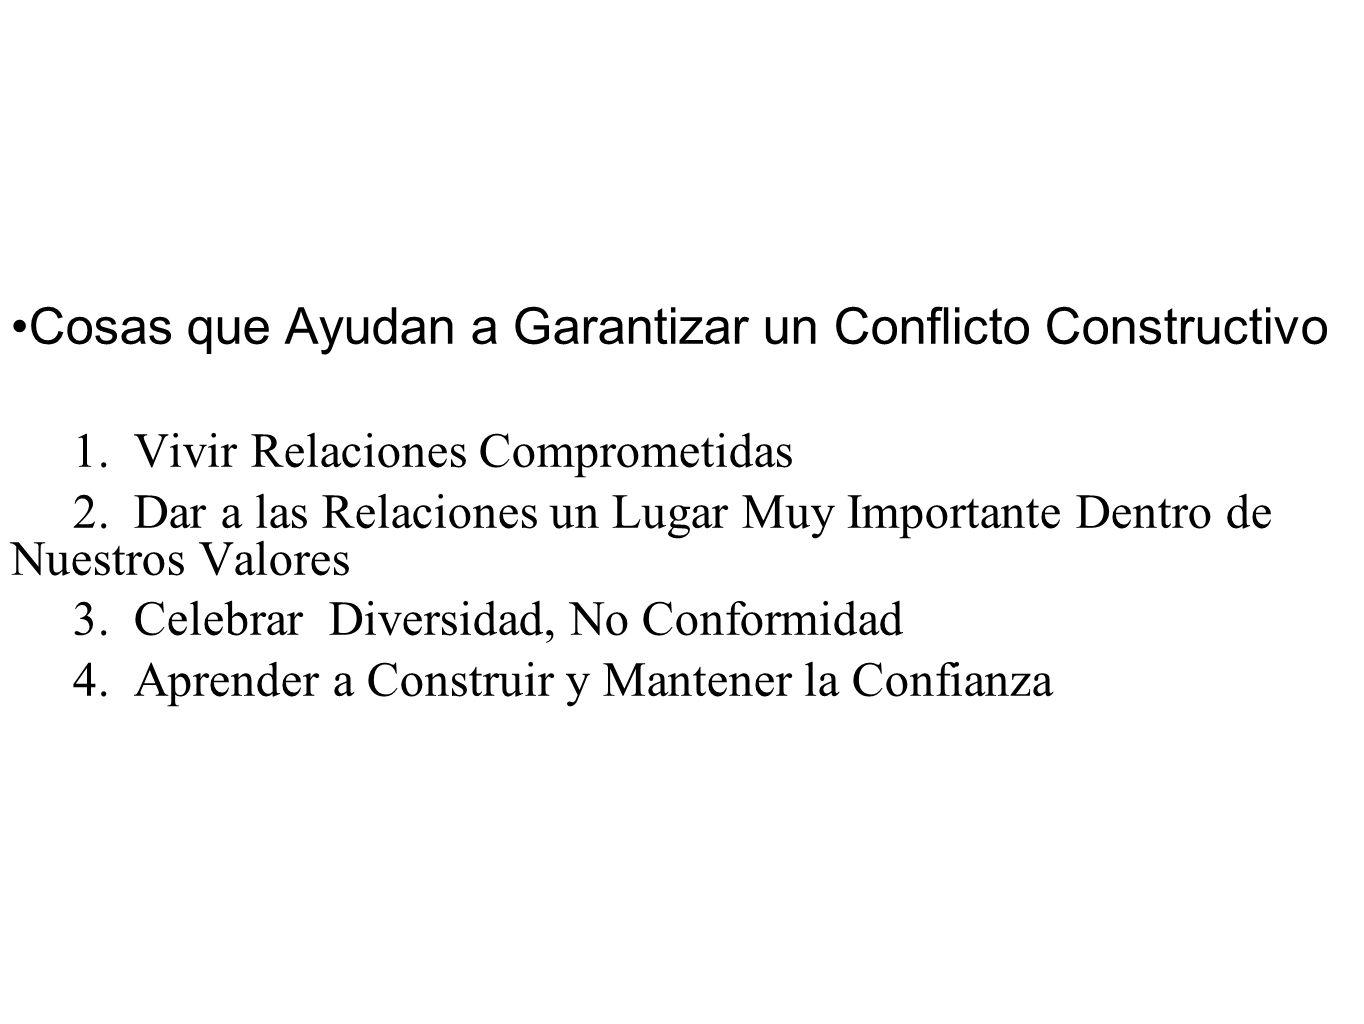 Cosas que Ayudan a Garantizar un Conflicto Constructivo 1. Vivir Relaciones Comprometidas 2. Dar a las Relaciones un Lugar Muy Importante Dentro de Nu